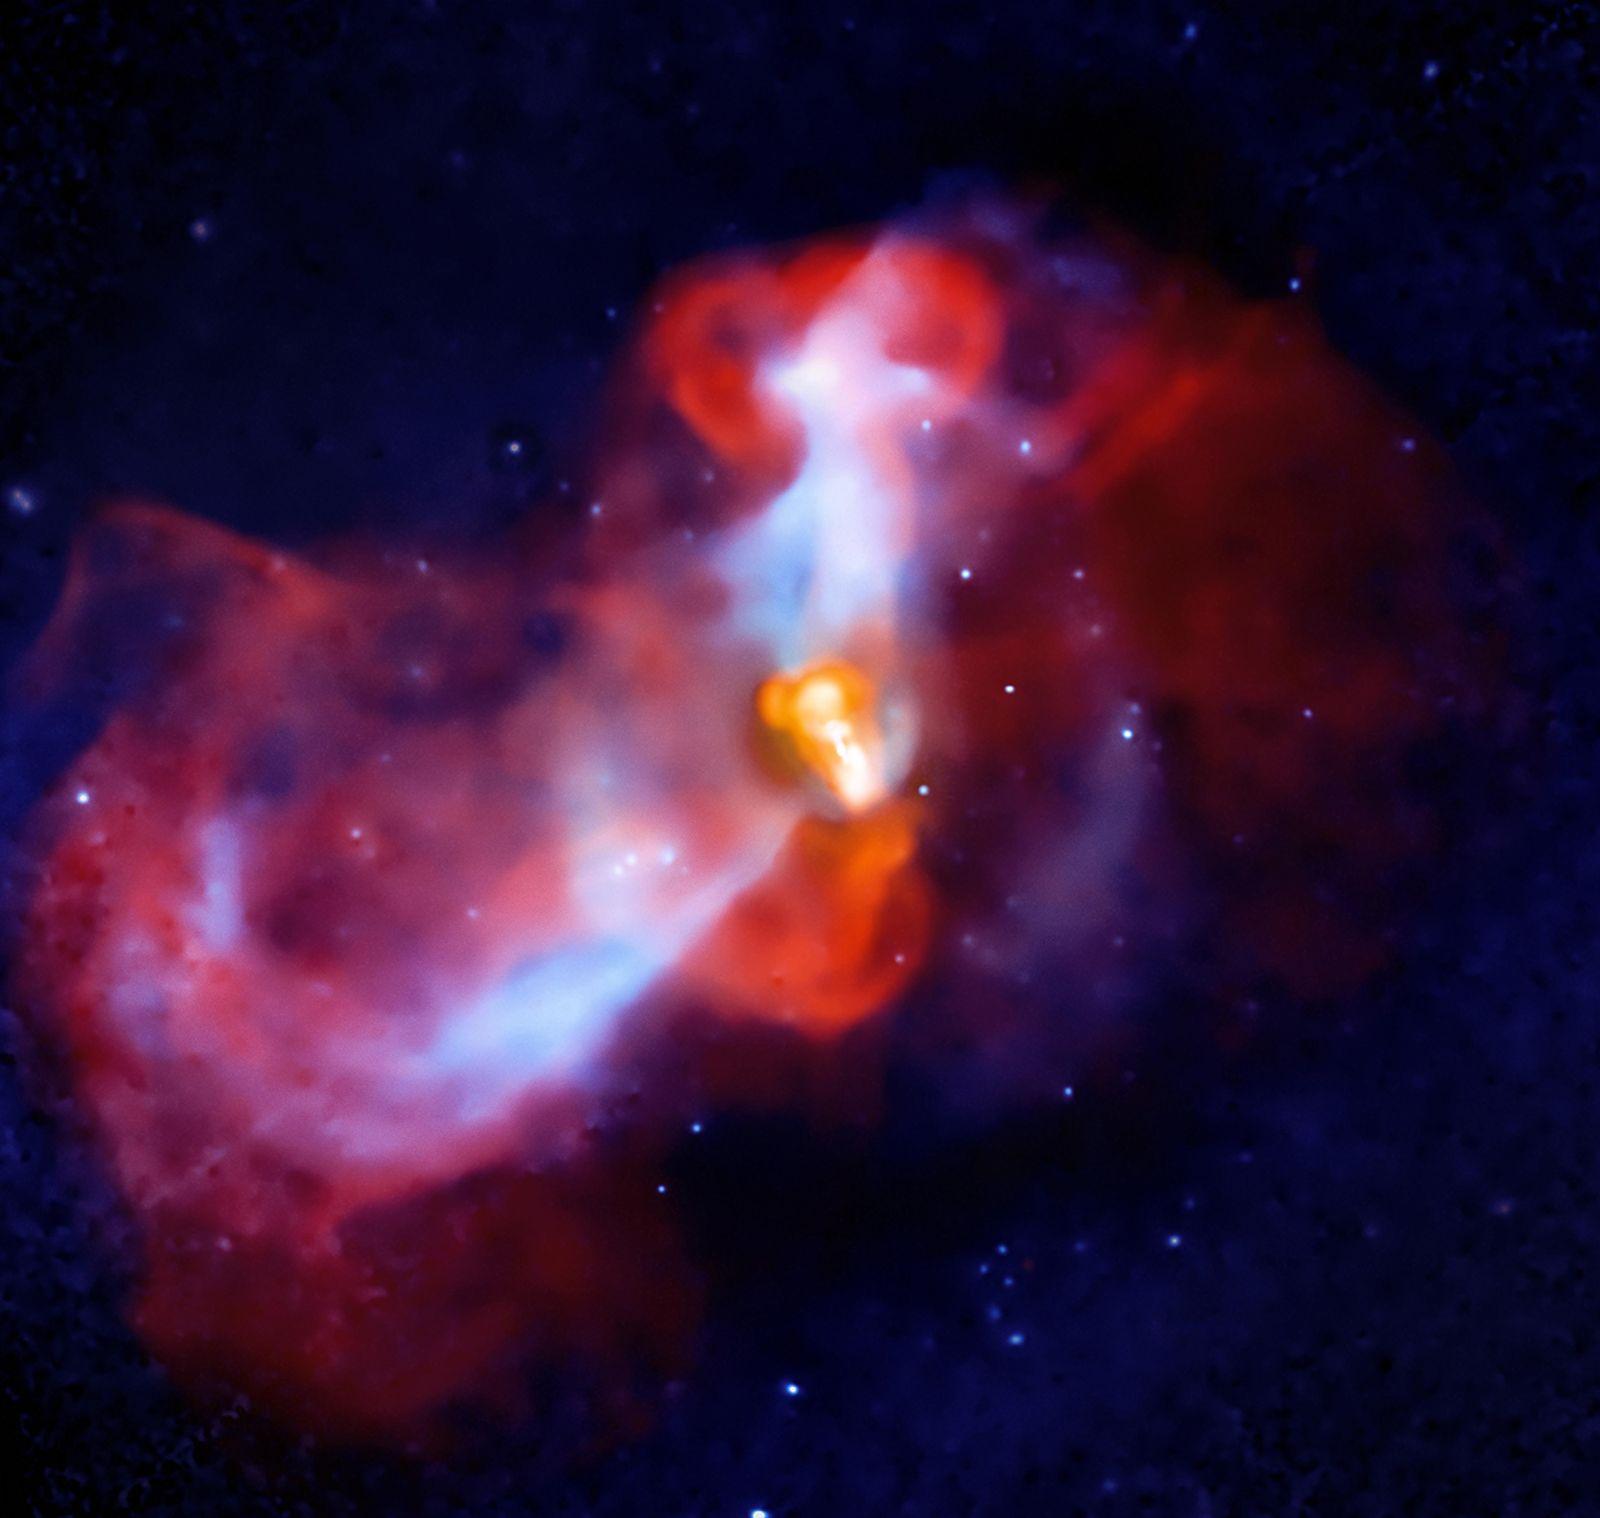 Wissenschaftsbilder/Eruption